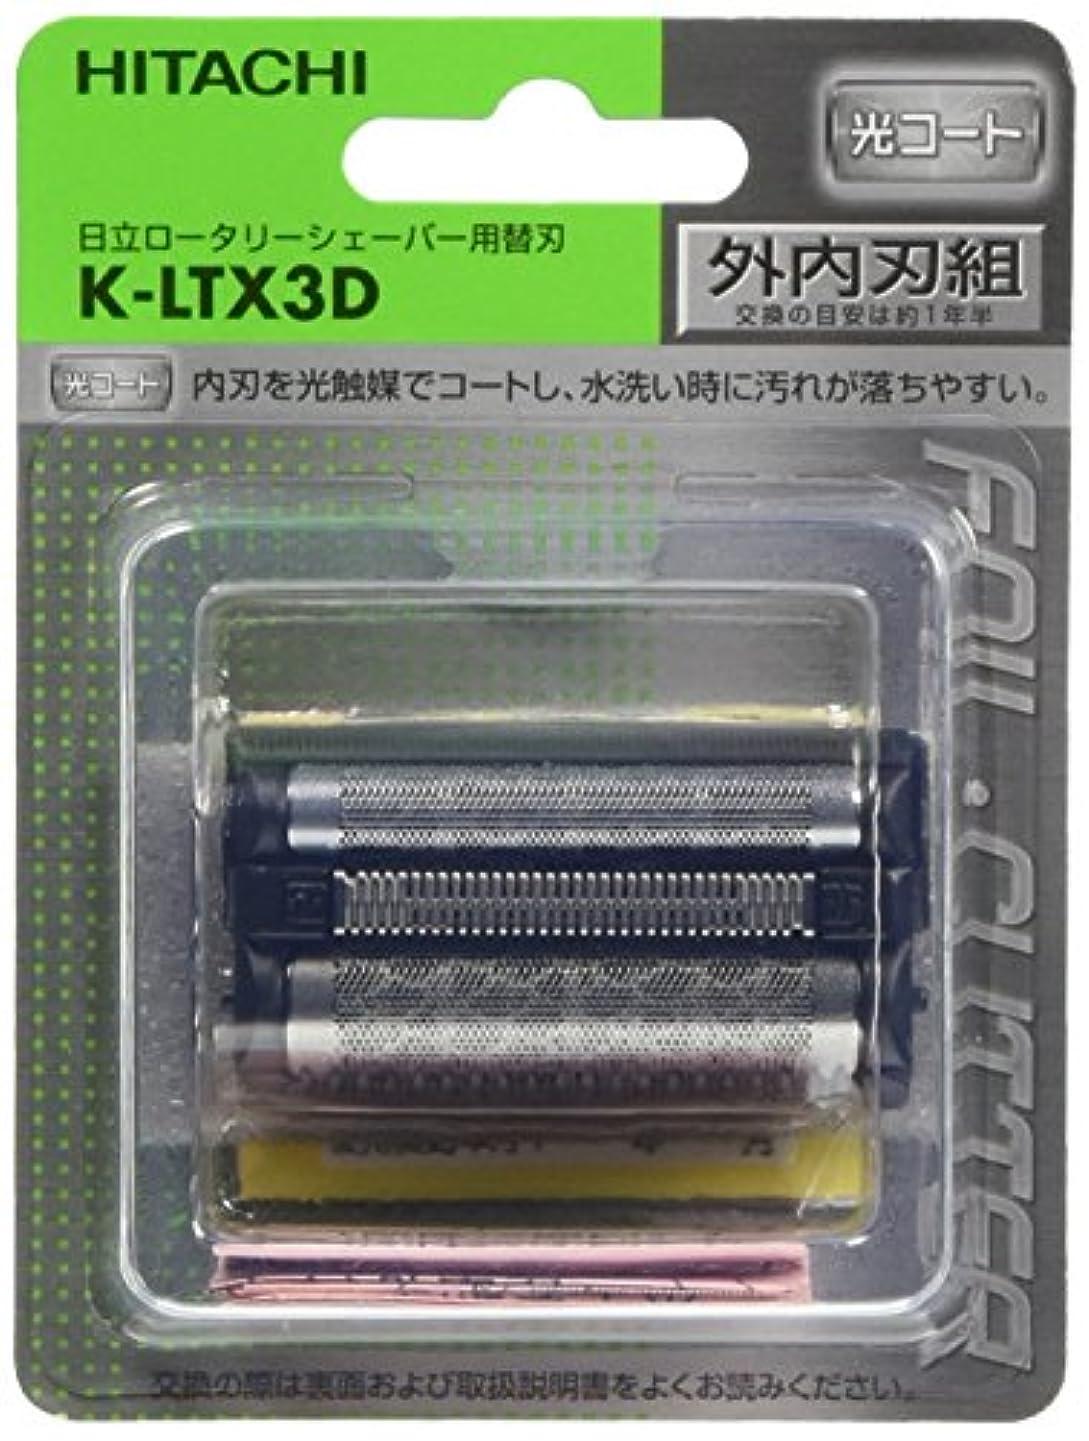 南アメリカトランペット瞳日立 メンズシェーバー用替刃 K-LTX3D